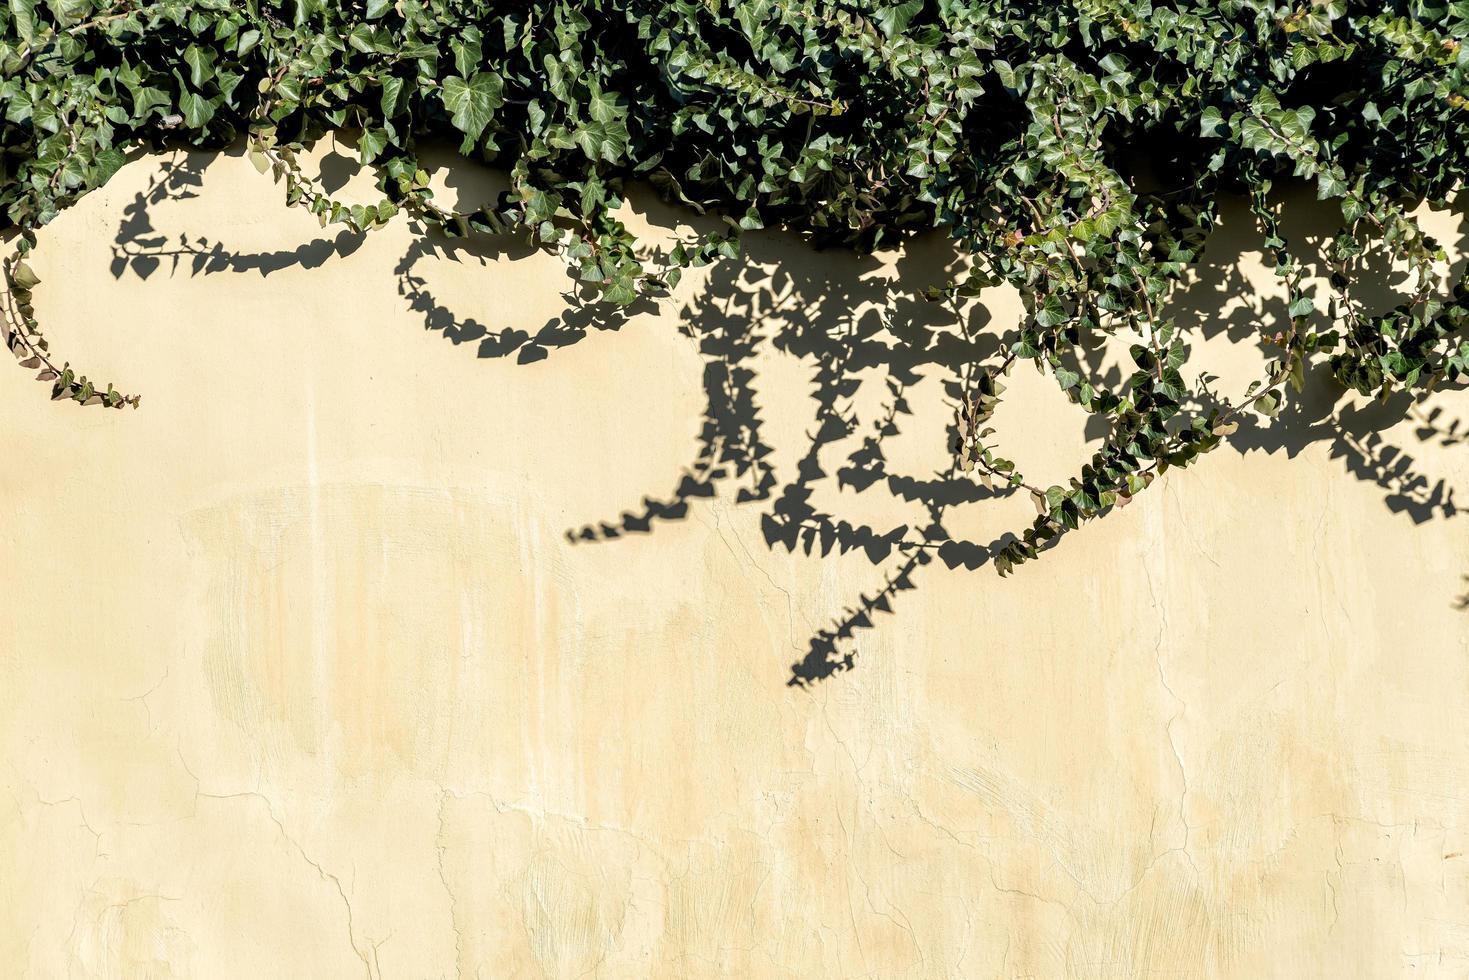 pared con exuberante hiedra foto